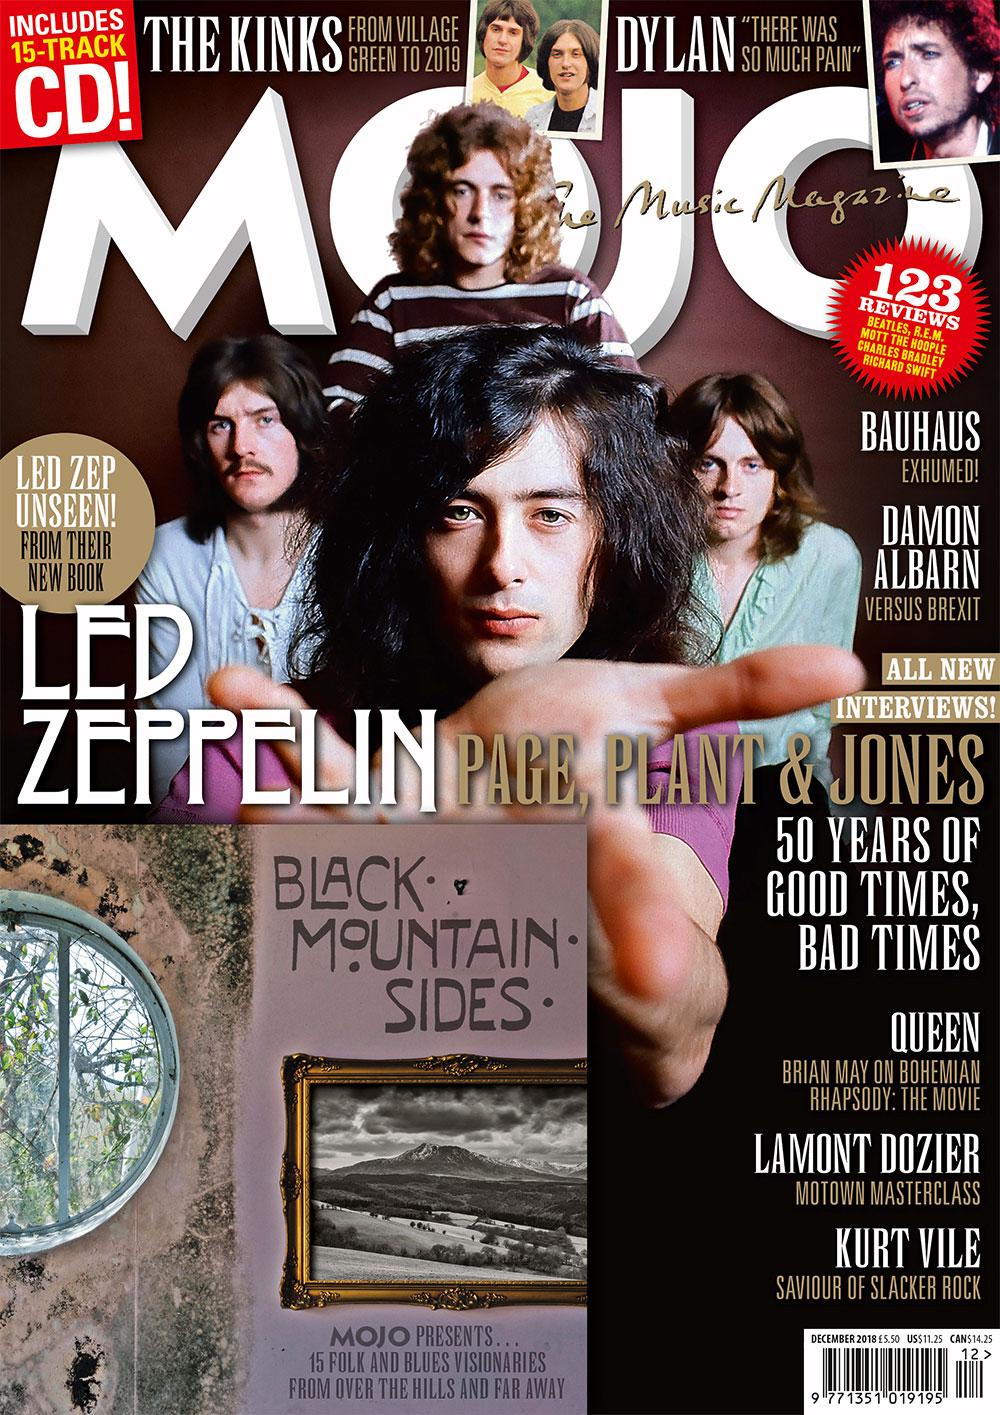 MOJO-301-cover-Led-Zeppelin-1000-for-web.jpg